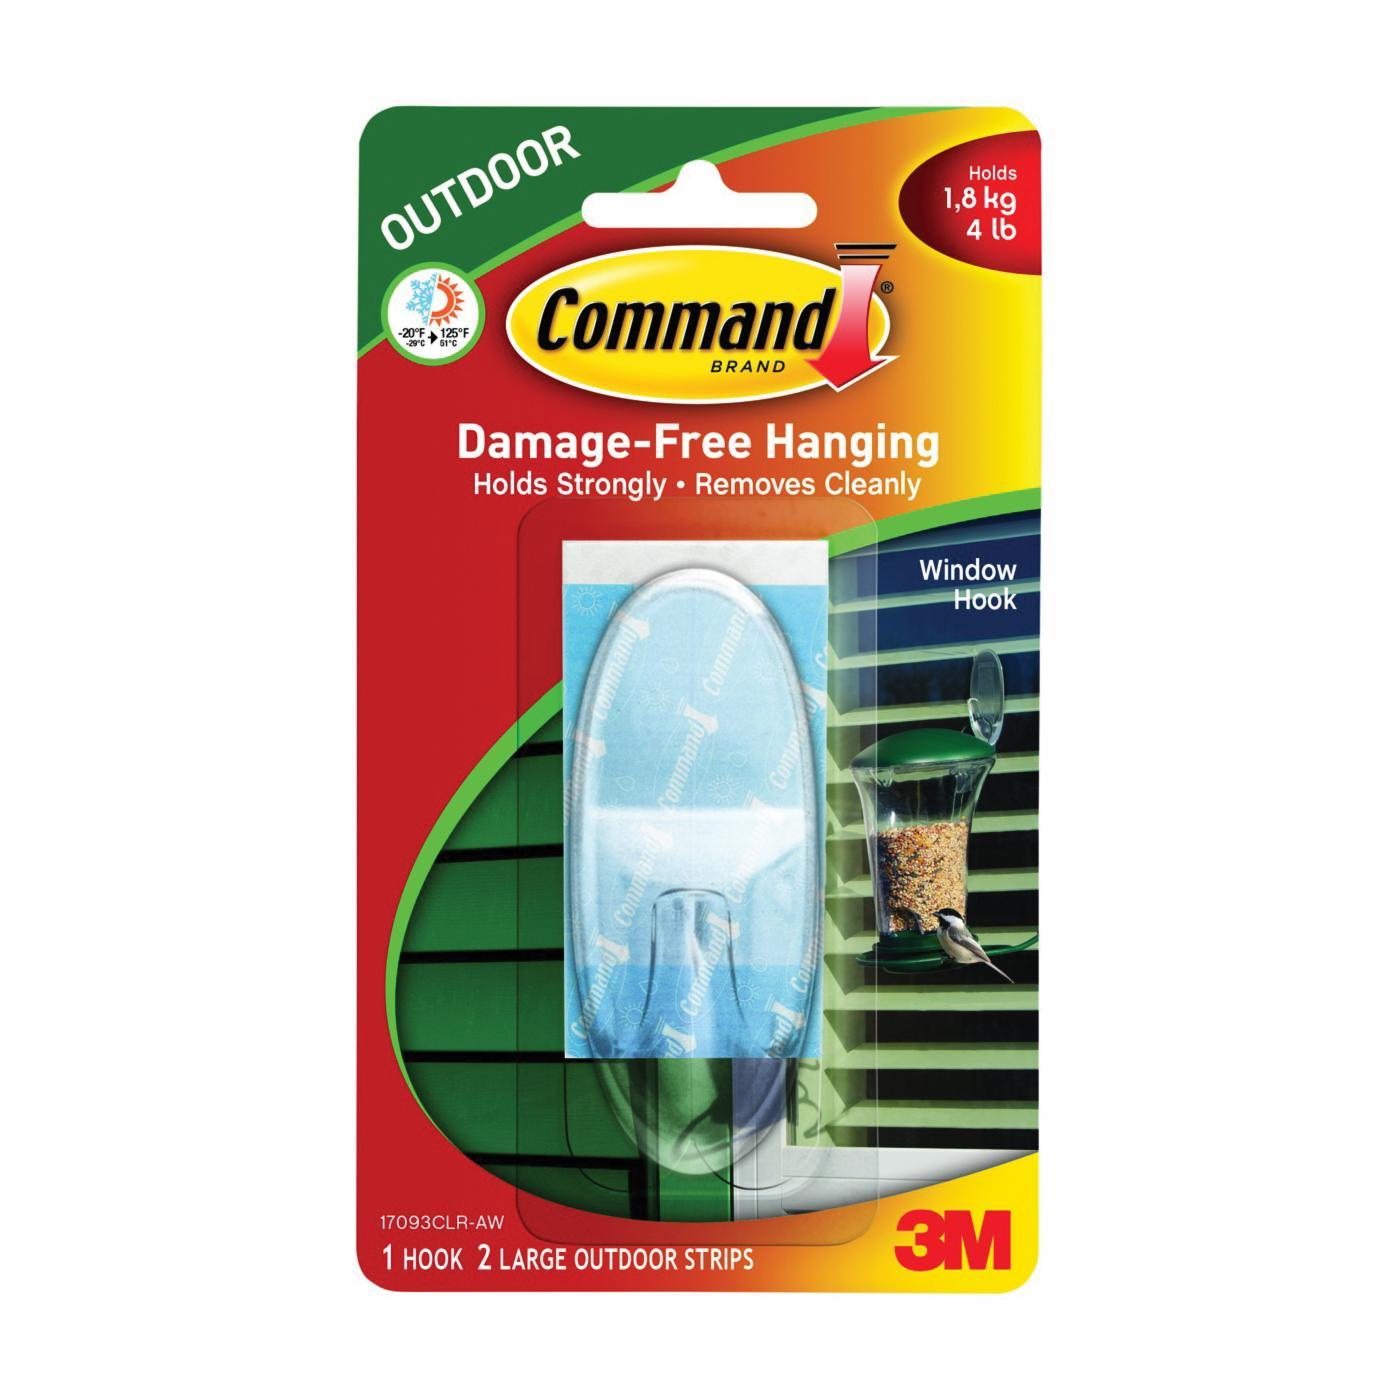 Command 17093CLR-AW